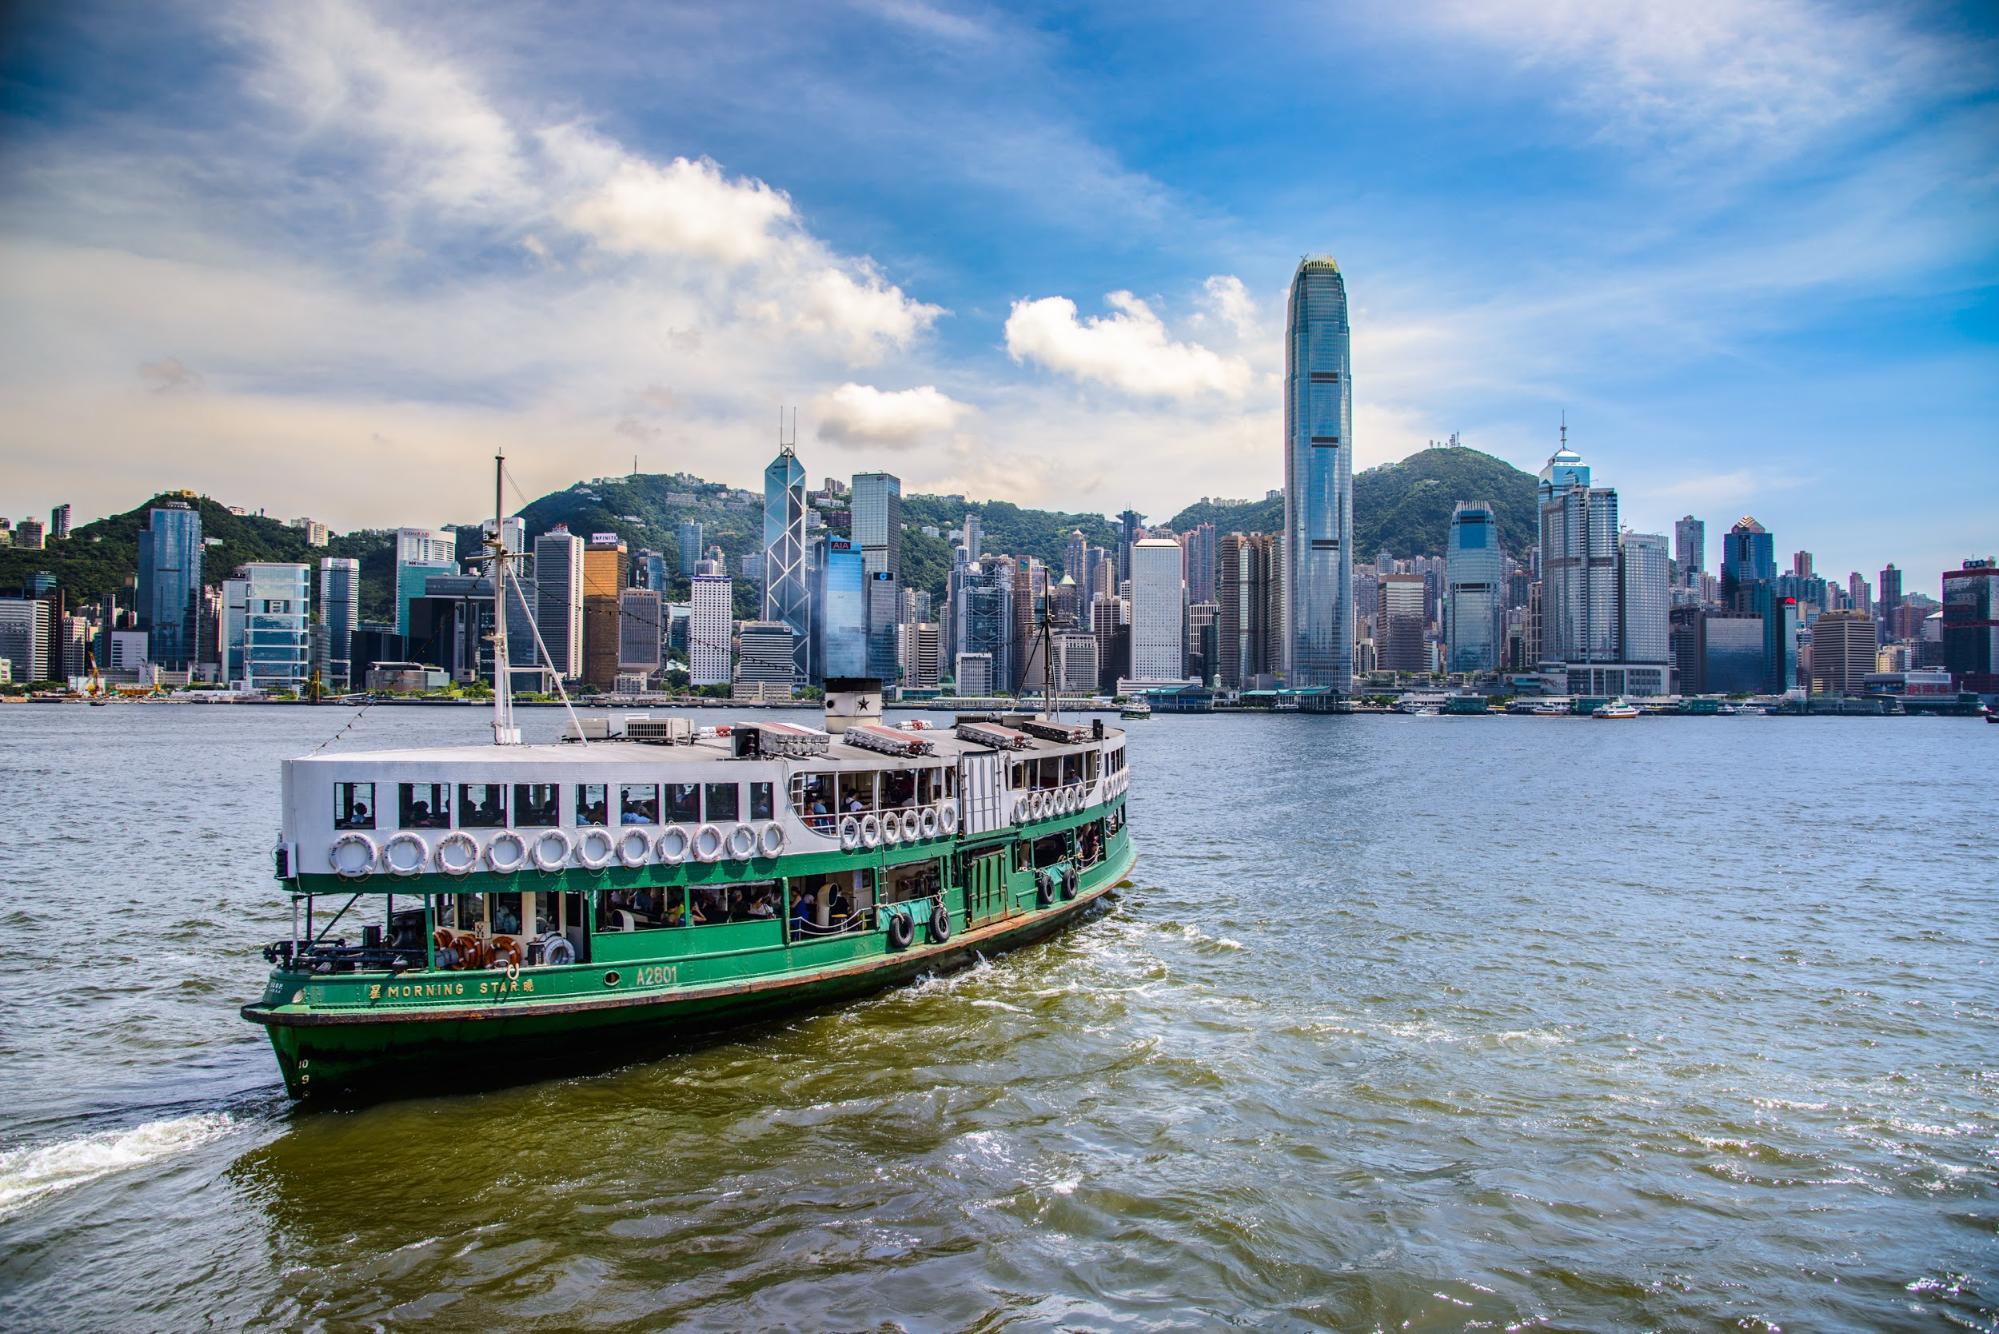 Hong Kong street photography tips